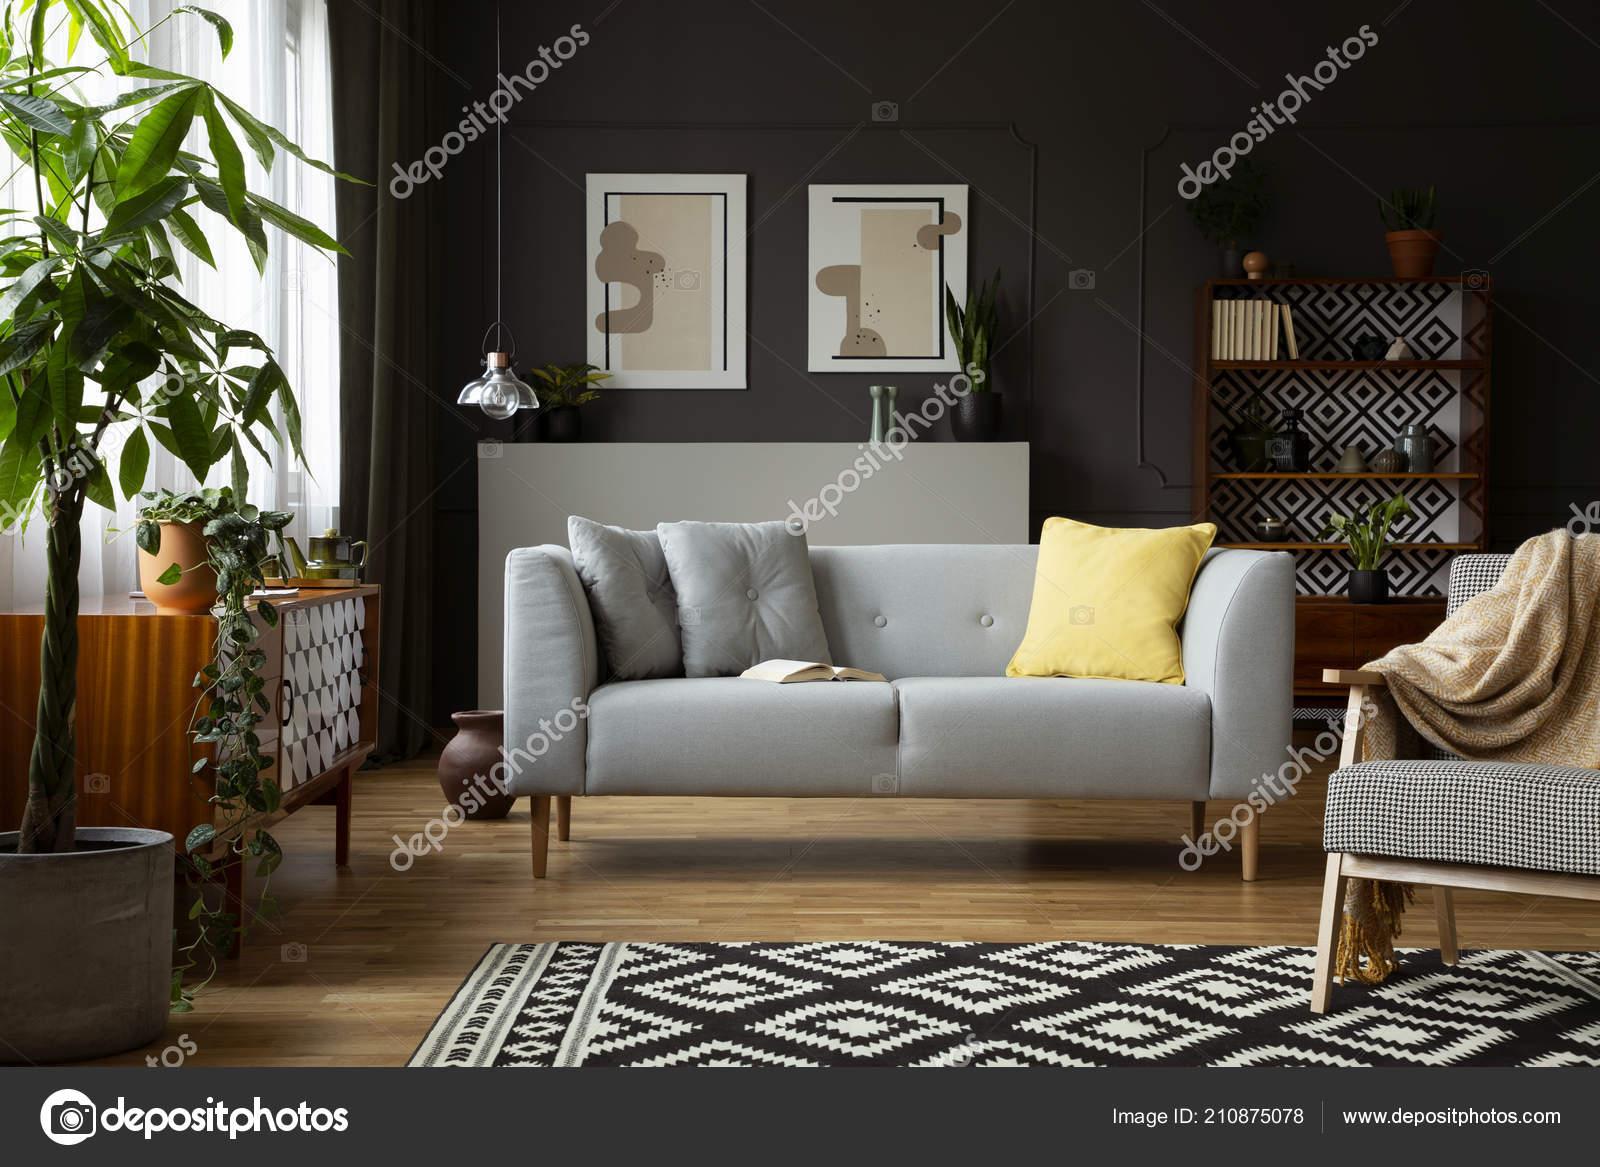 Sessel Mit Decke Auf Teppich Wohnzimmer Interieur Mit Grauen Sofa ...